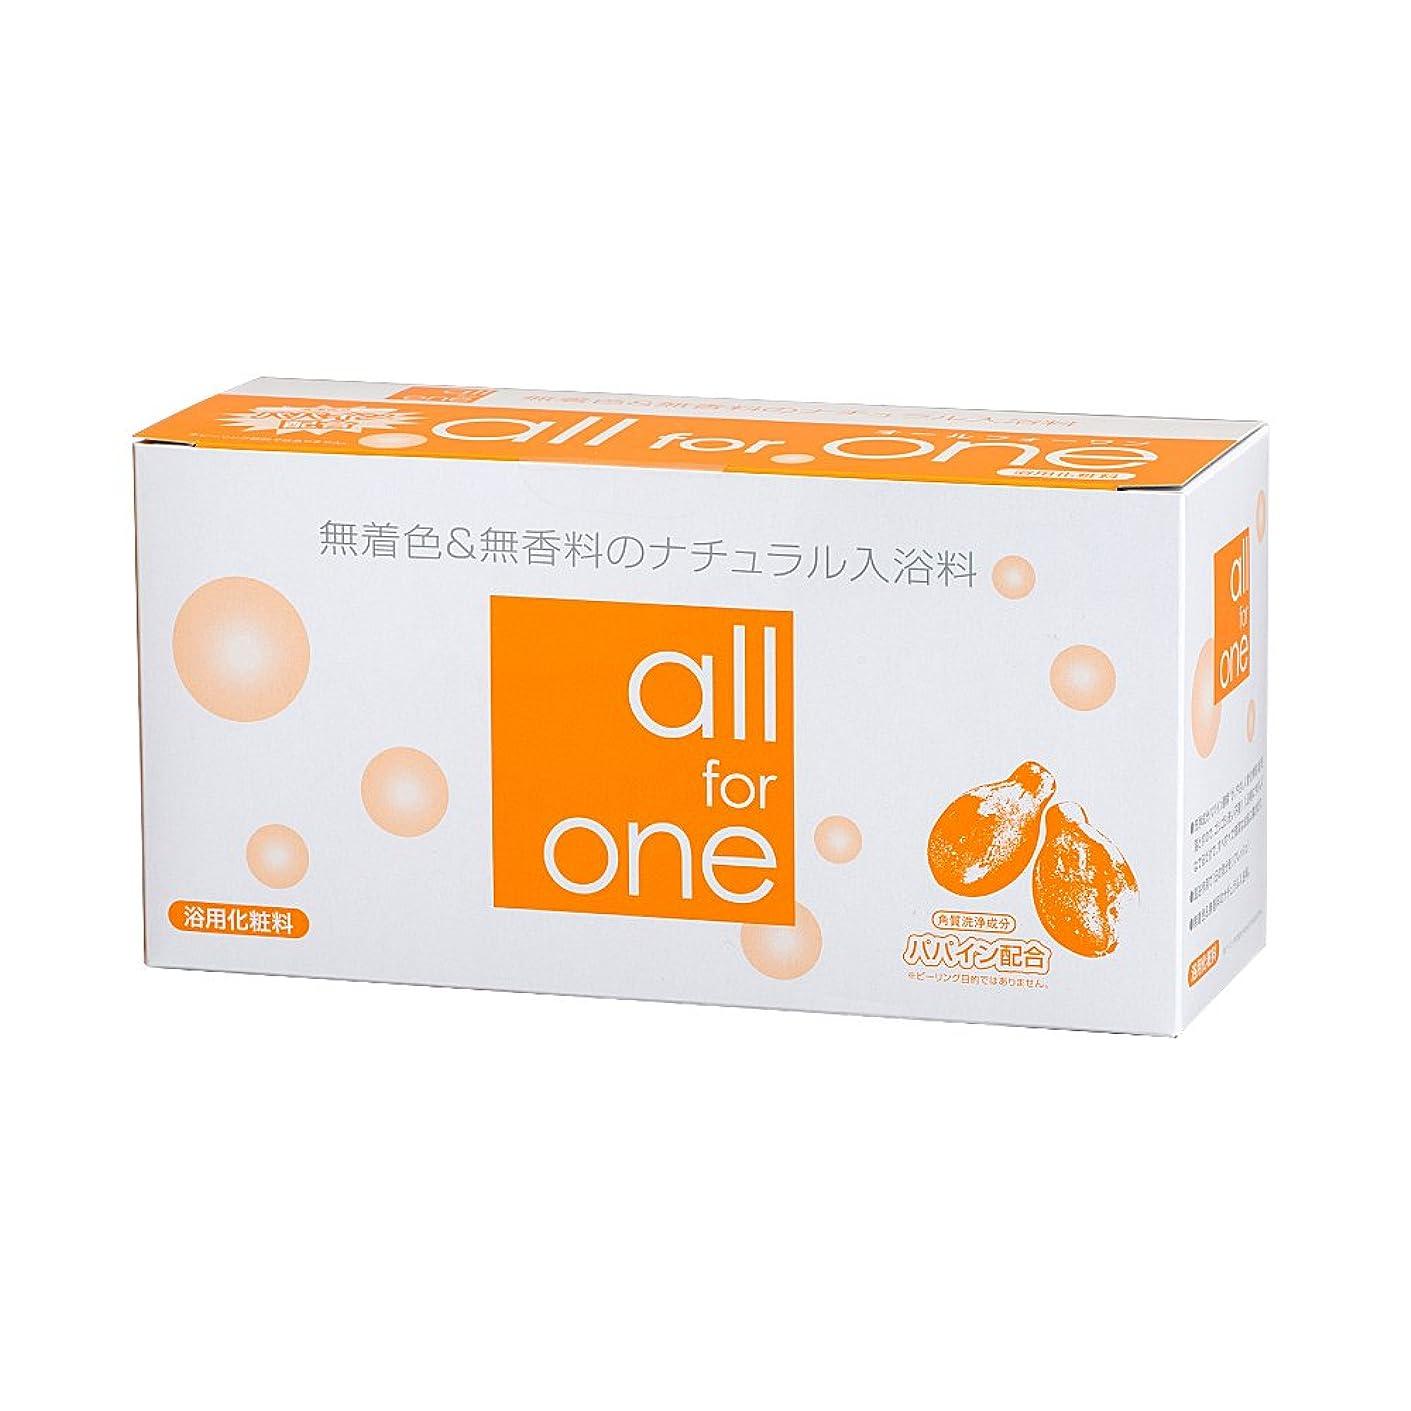 ブルクスコ昇進パパイン酵素配合 無着色&無香料 ナチュラル入浴剤 all for one 30包